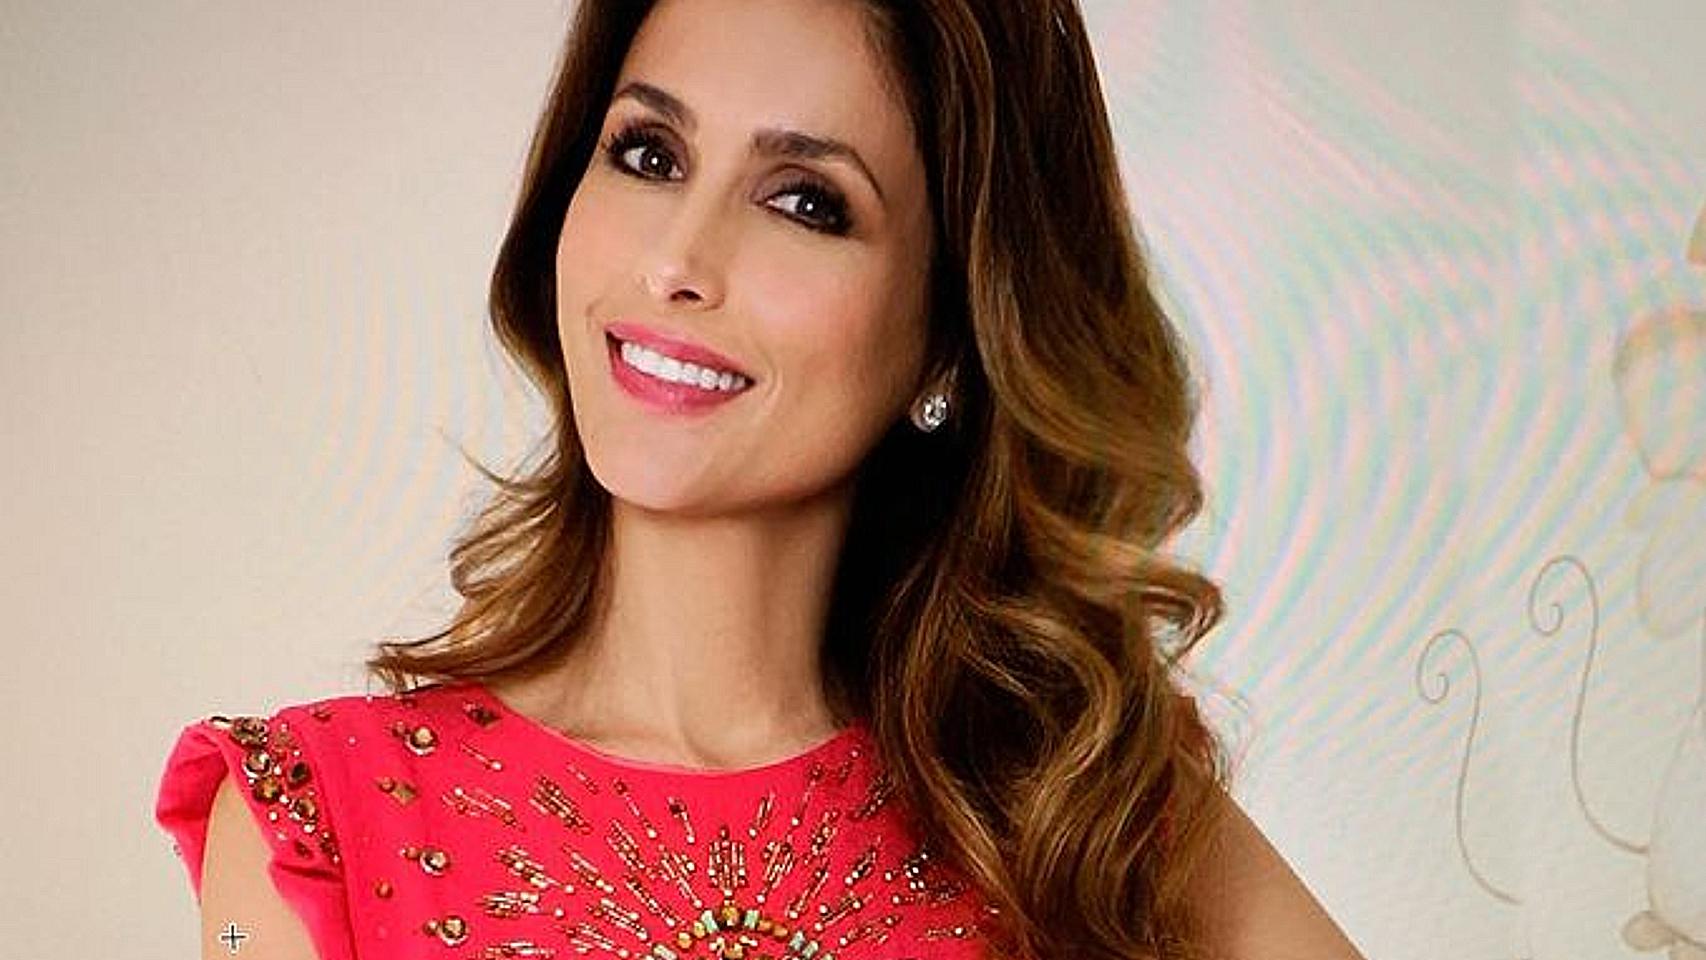 Paloma Cuevas, en una imagen de sus redes sociales.